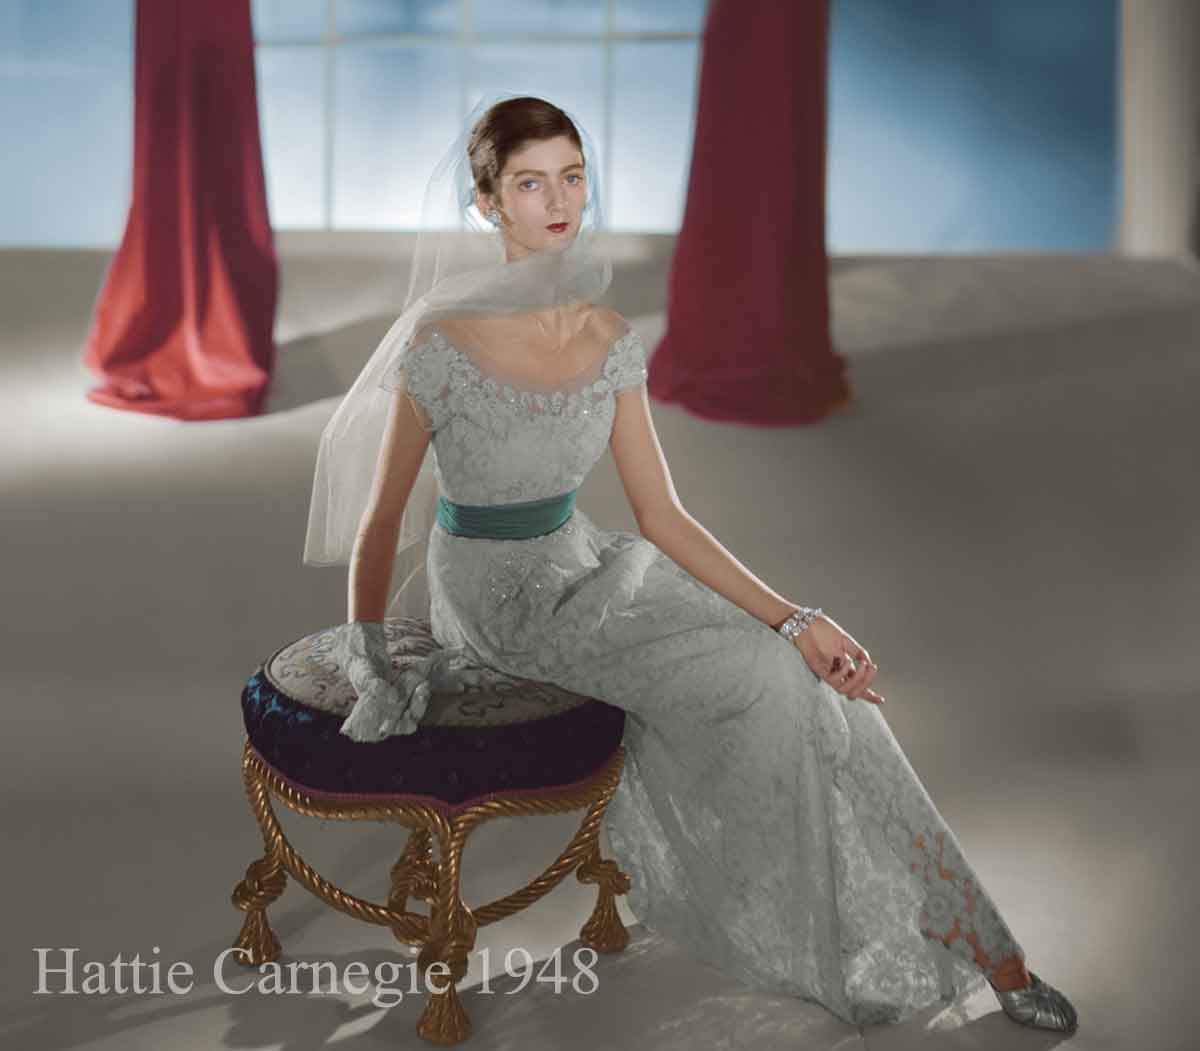 dress-by-hattie-carnegie-modelled-by-carmen-dell-Horst-P-Horst